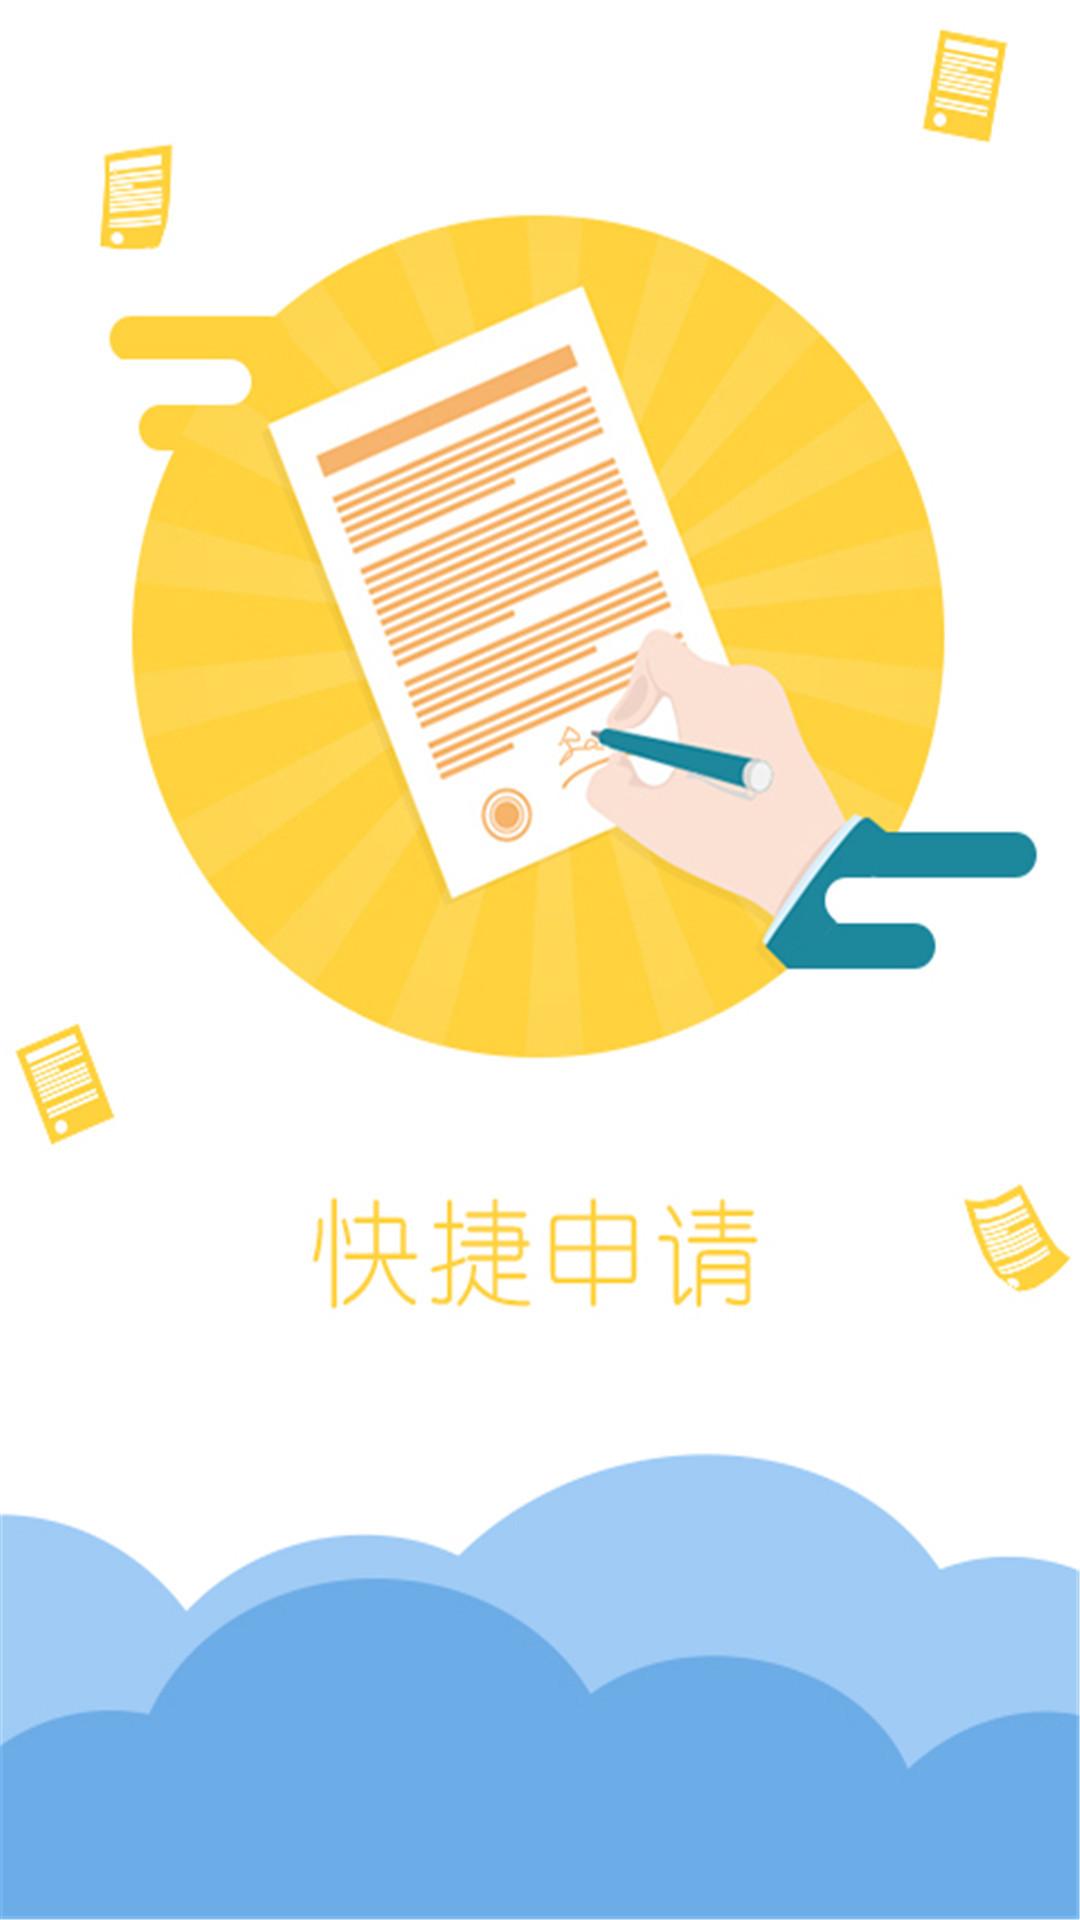 趣用贷款app手机版下载图片4_嗨客手机站